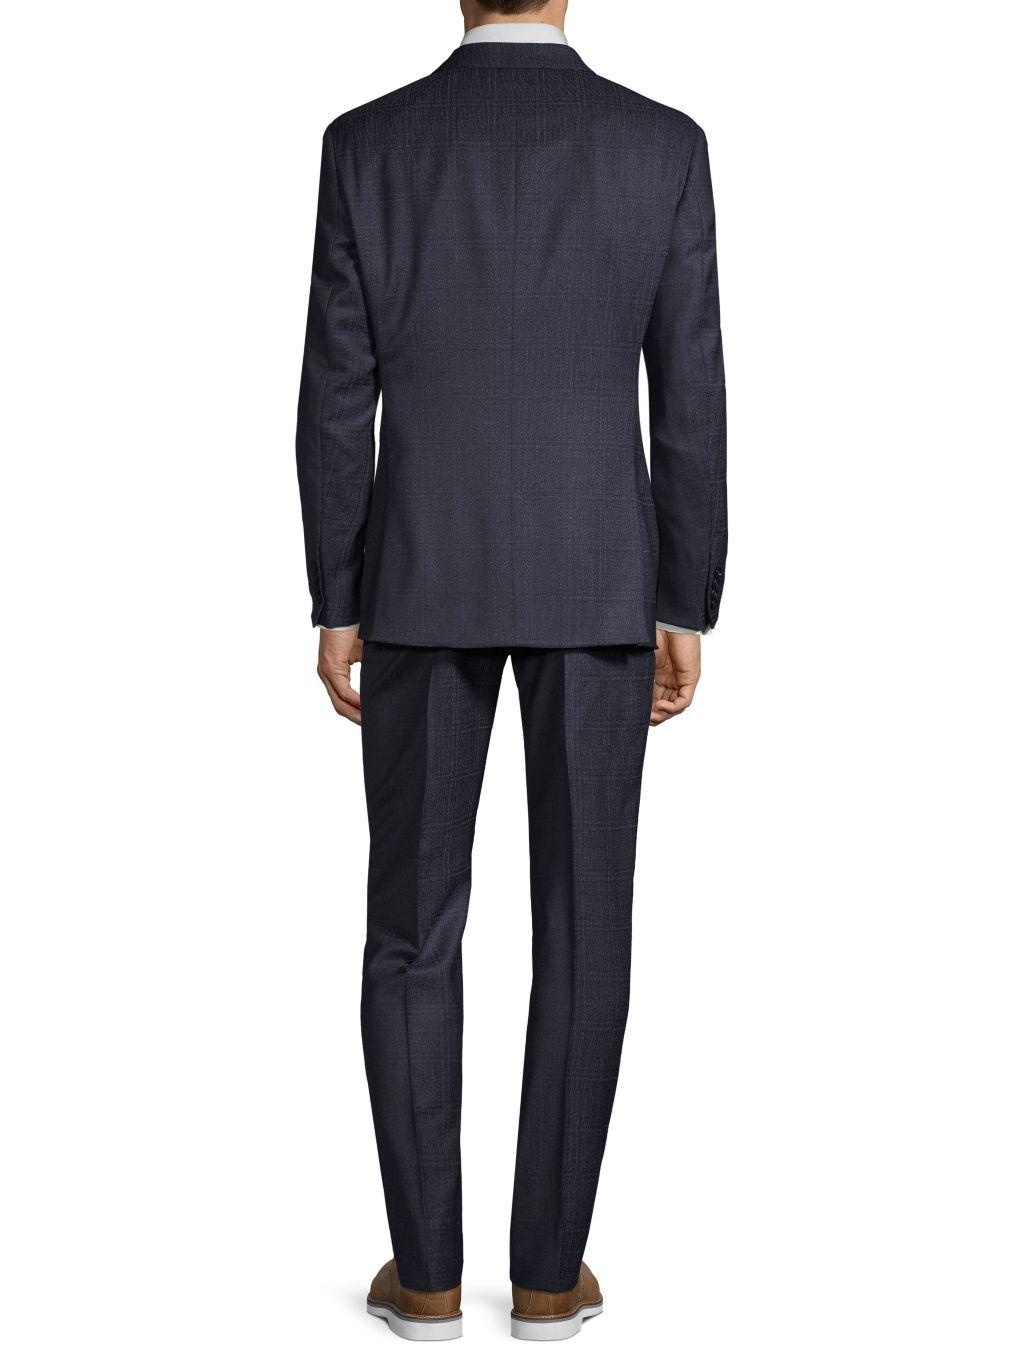 Armani Collezioni G-Line Virgin Wool Plaid Suit